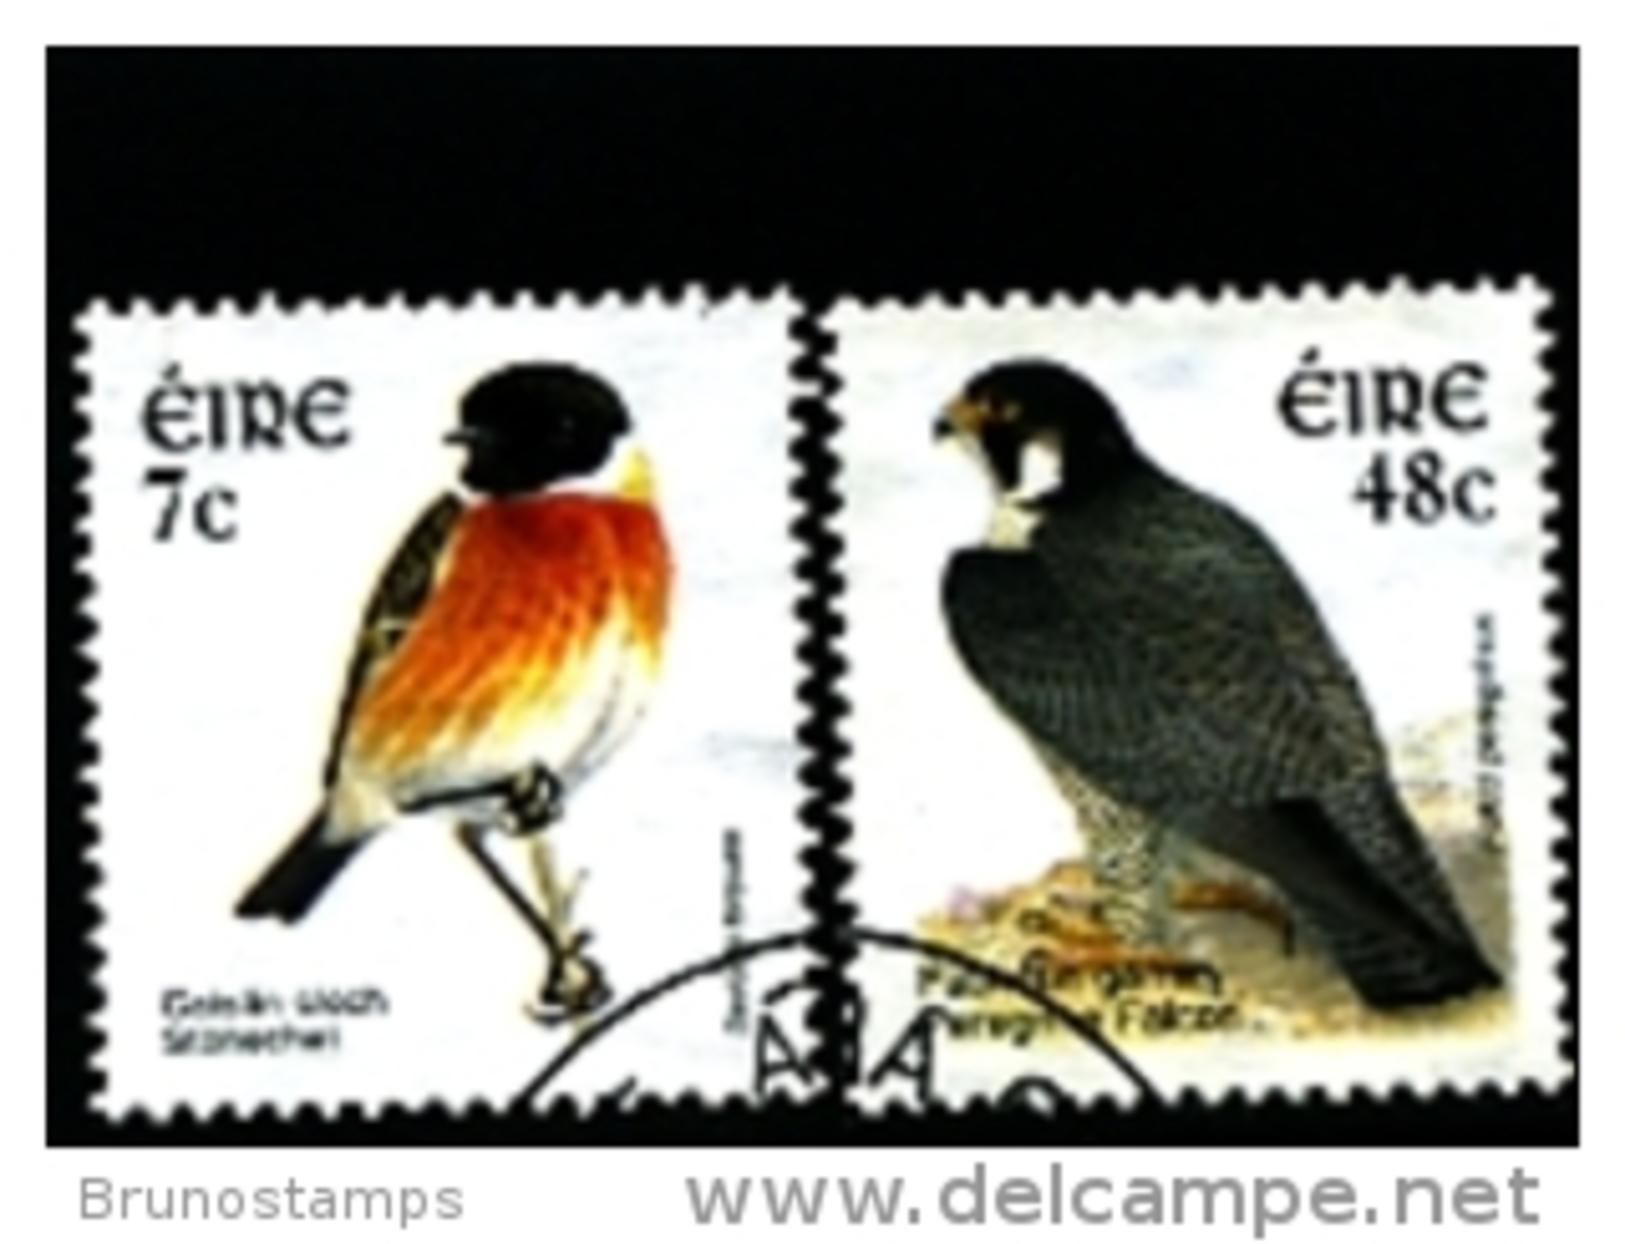 IRELAND/EIRE - 2003  BIRDS  (7c. + 48c.)  SET  FINE USED - 1949-... Repubblica D'Irlanda